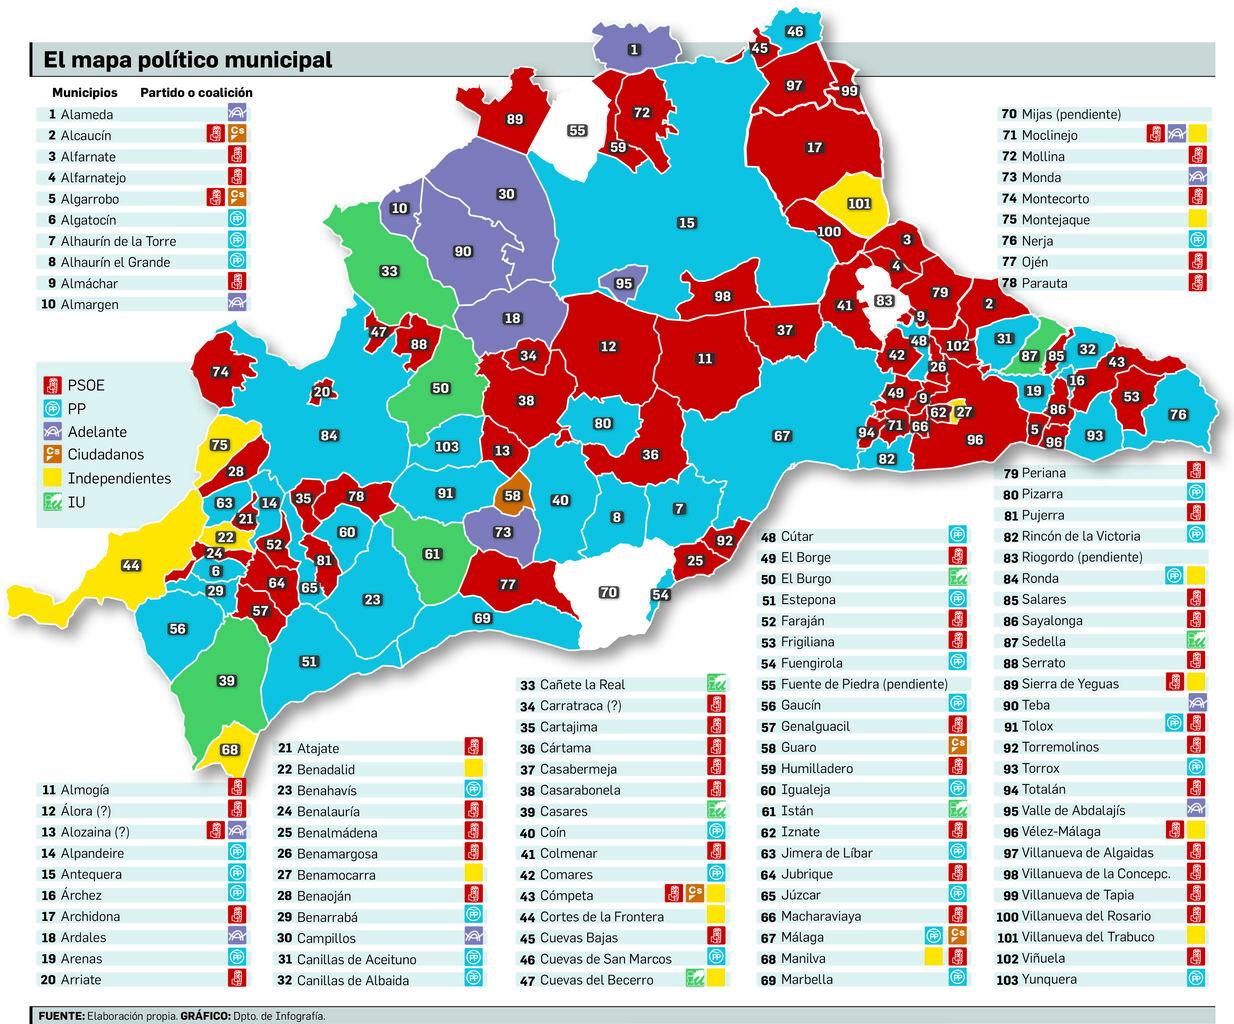 Mapa Provincia De Malaga Pueblos.Constitucion De Los Ayuntamientos En La Provincia De Malaga